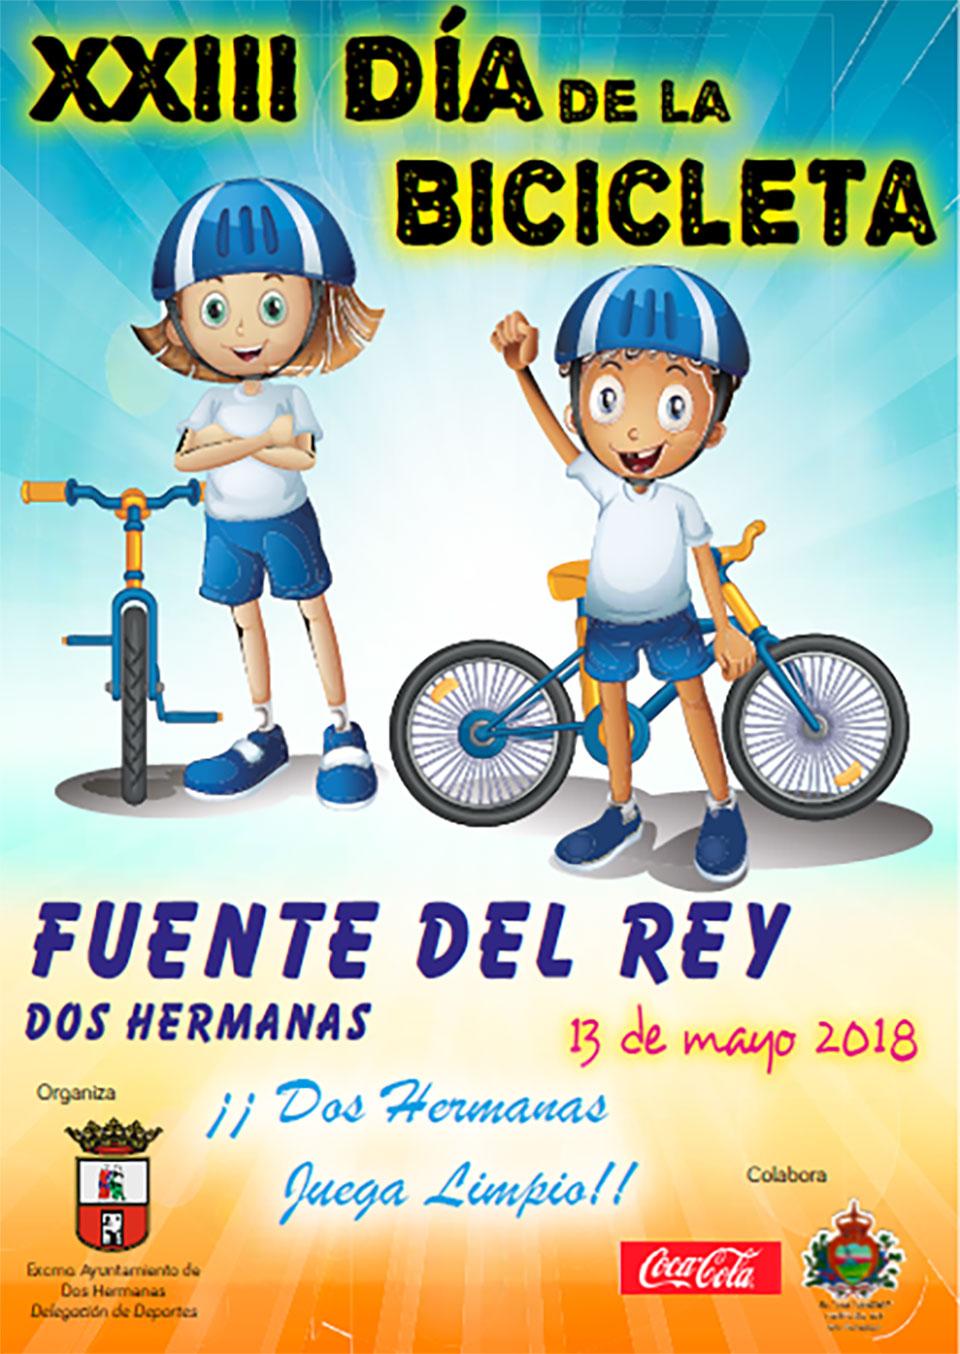 XXIII Día de la Bicicleta de Fuente del Rey